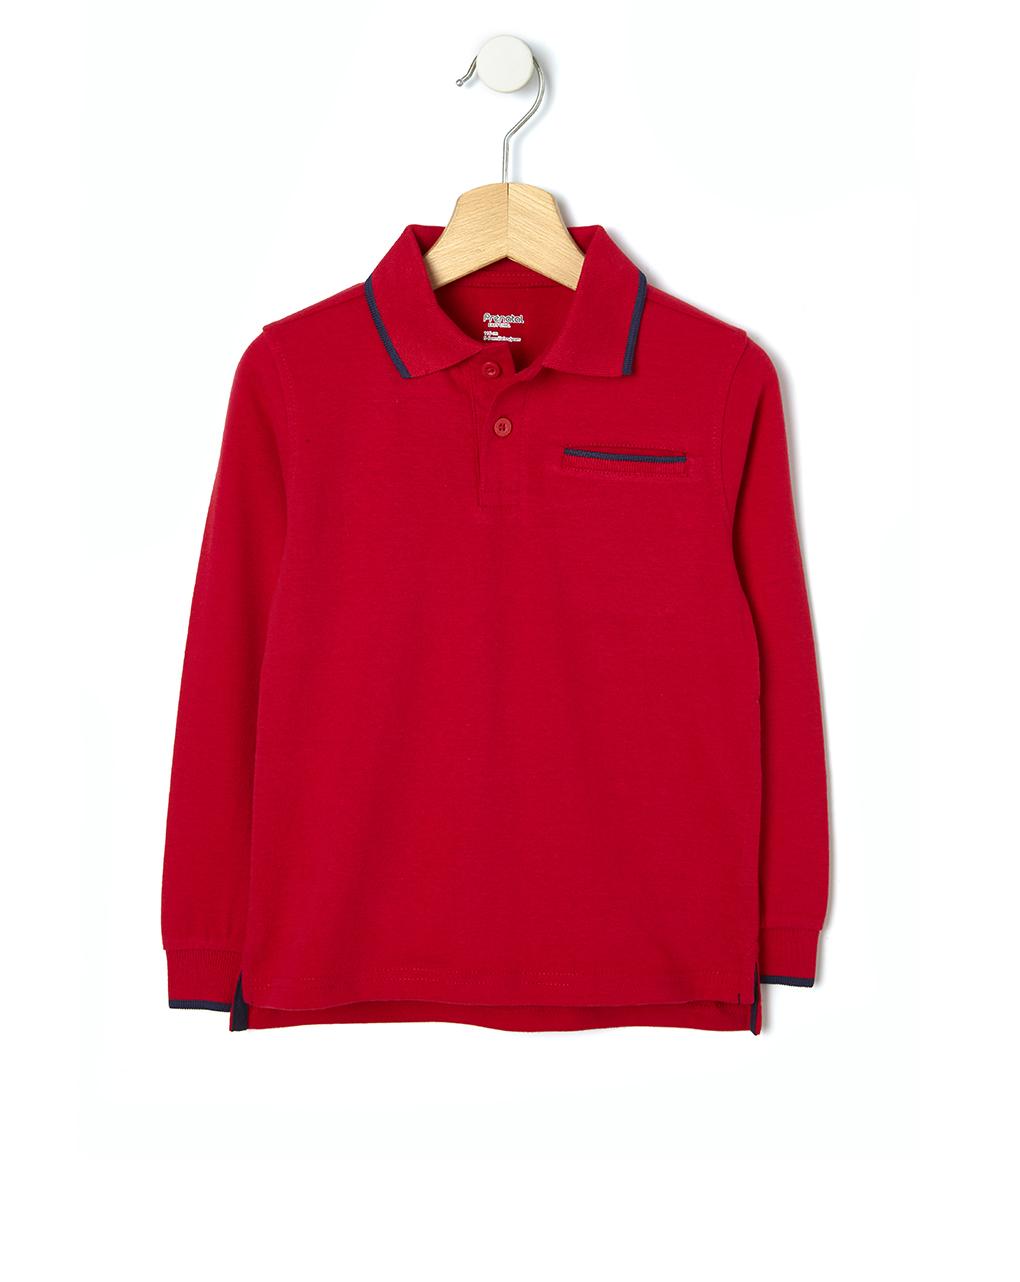 Μπλούζα Πόλο Jersey Basic Κόκκινο Μεγ.8-9/9-10 Ετών για Αγόρι